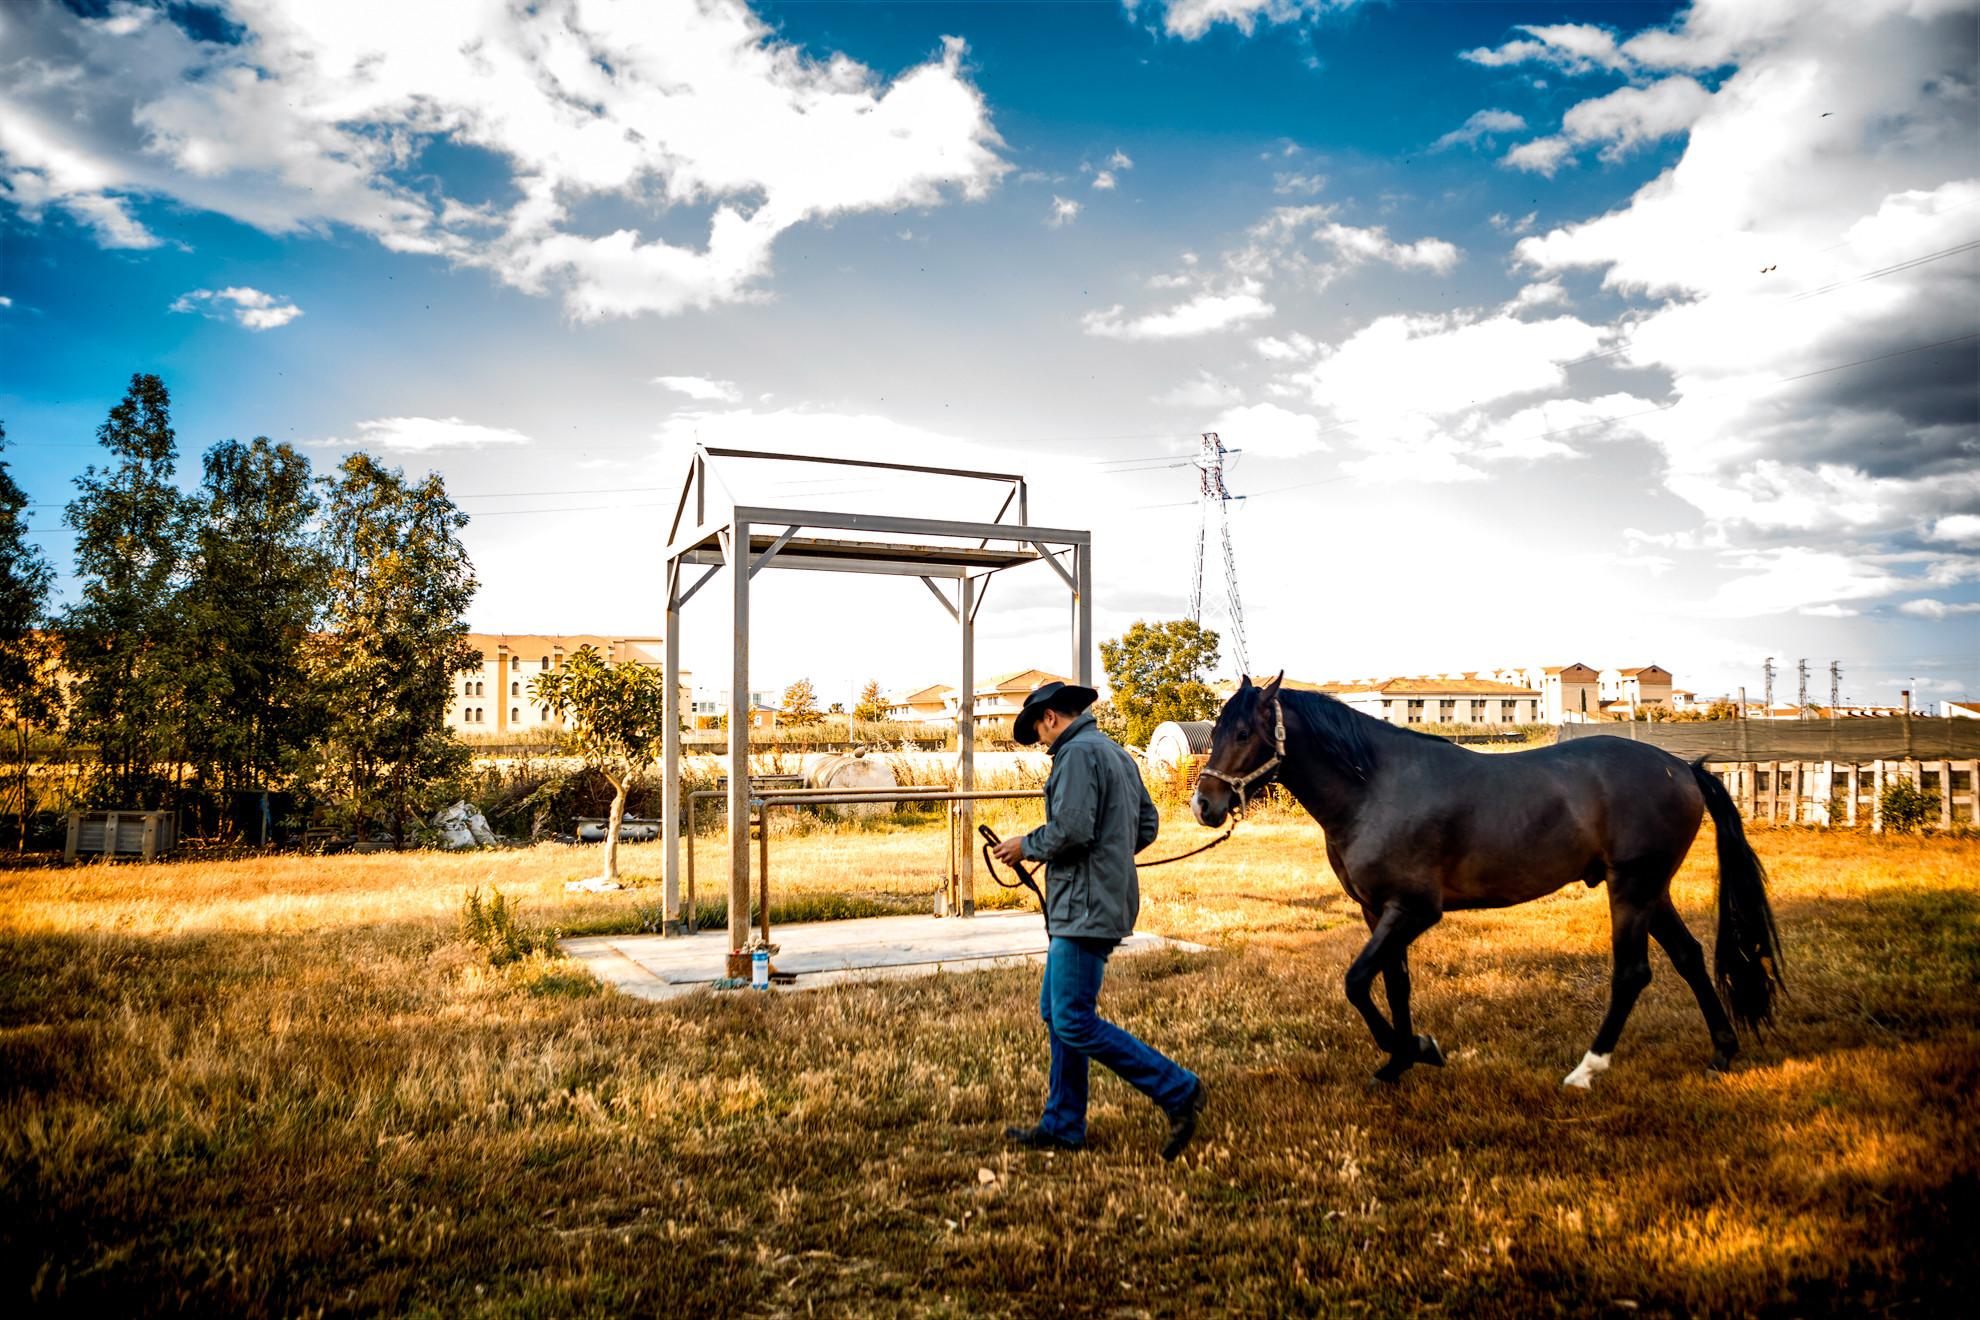 ENKANT_FOTOGRAFO MATRIMONIO CATANIA-5.JPG